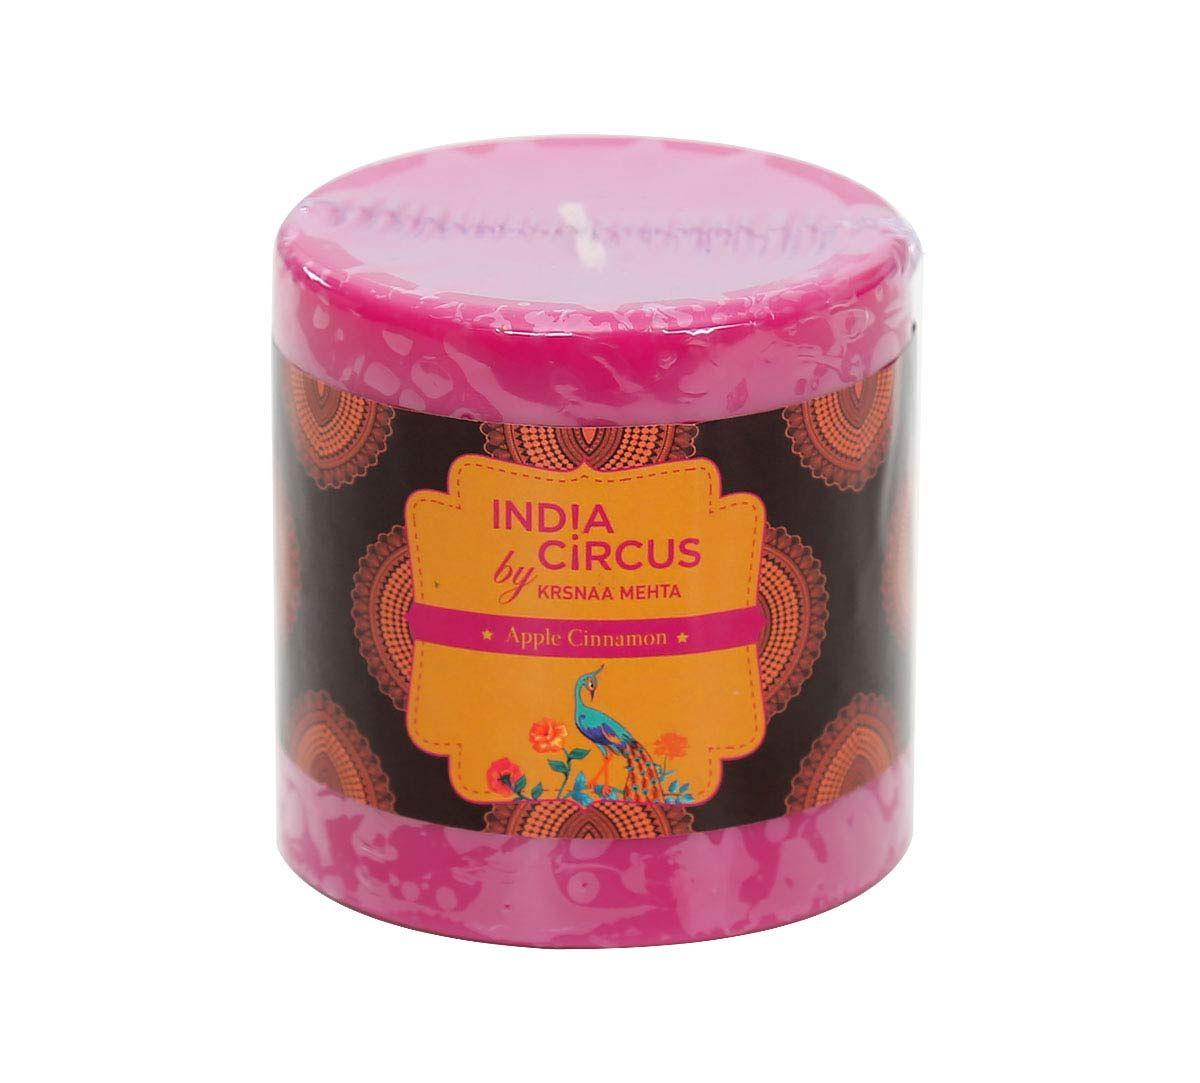 India Circus Apple Cinnamon Drum Candle